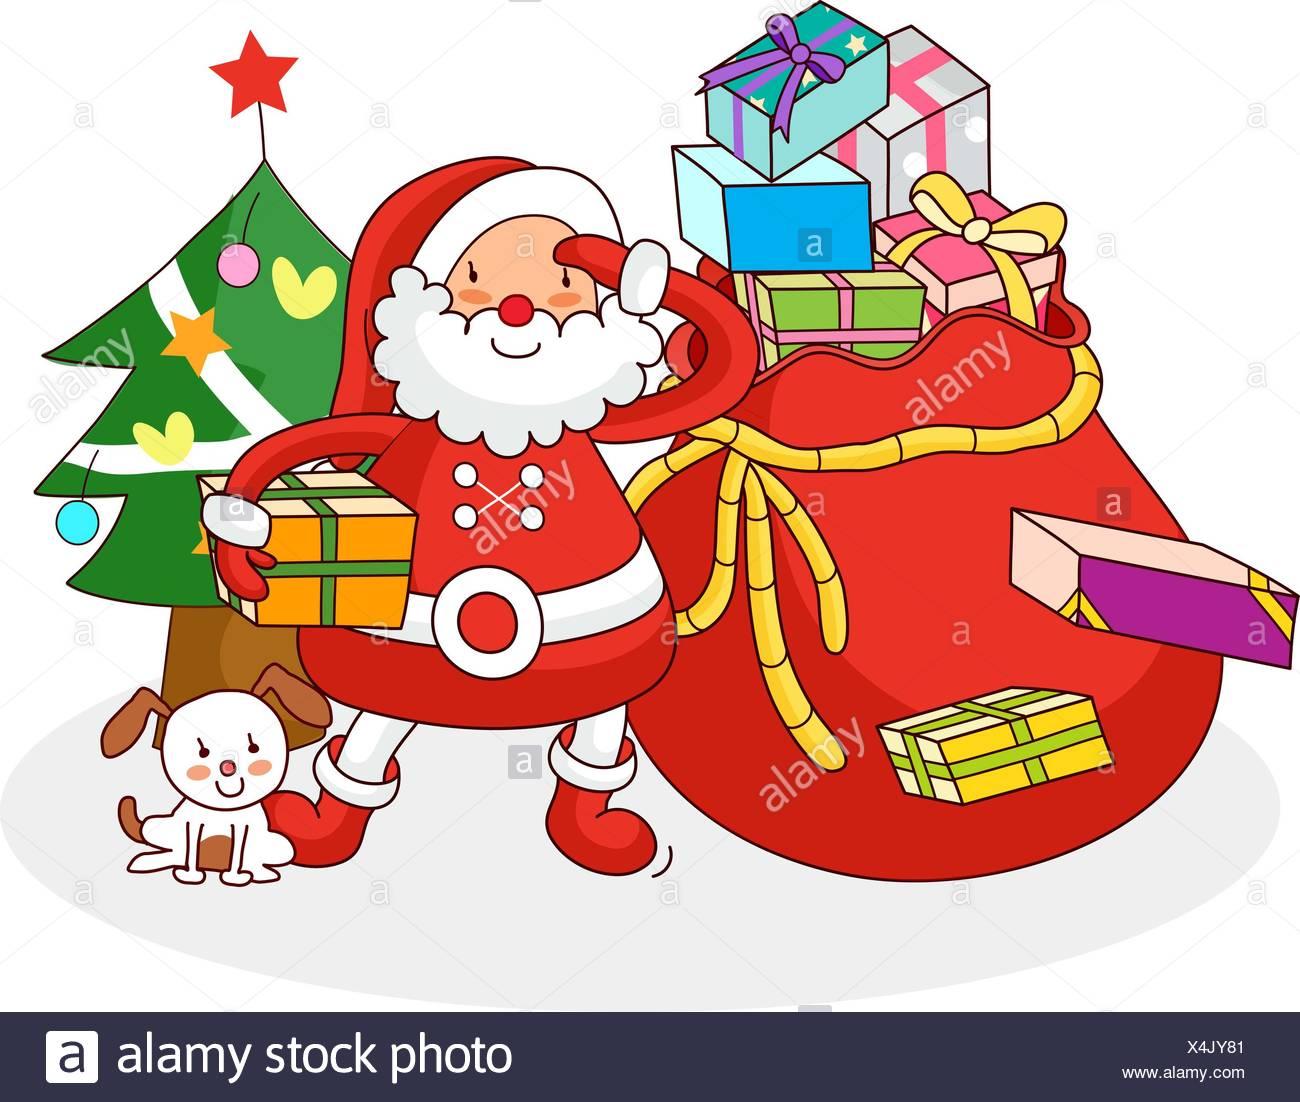 Atemberaubend Druckbare Weihnachtsgeschenk Malvorlagen Ideen ...